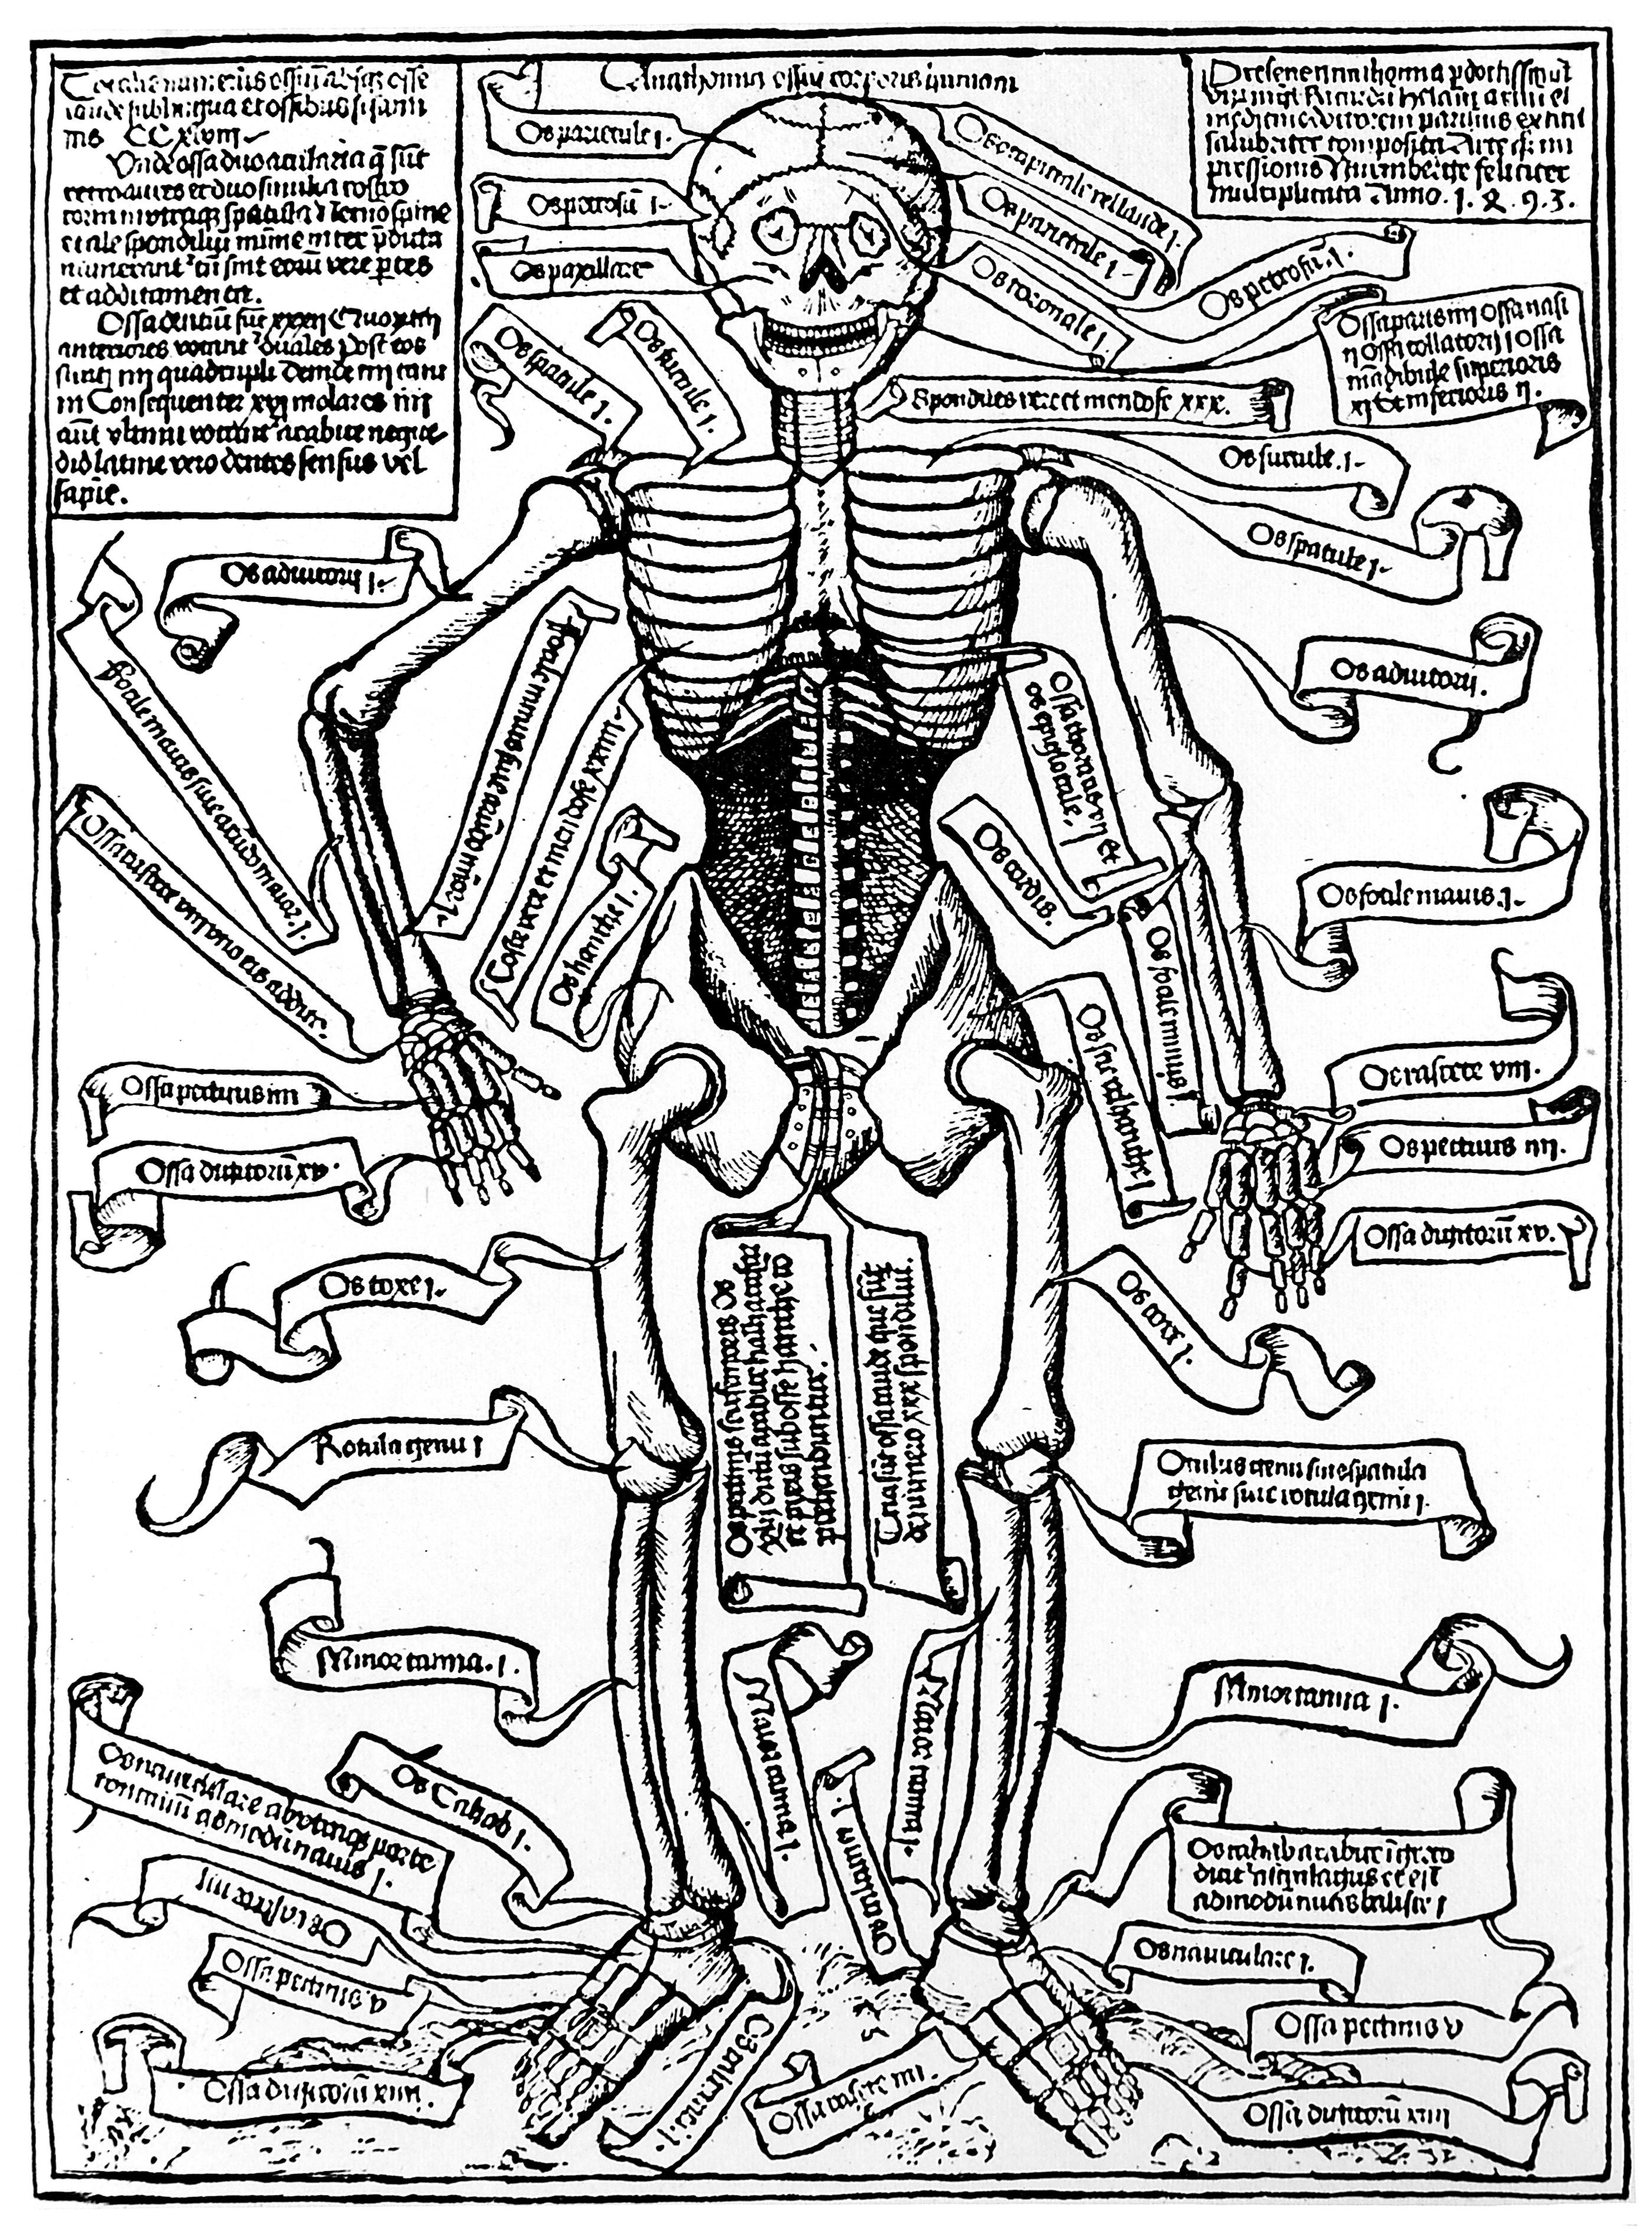 File:Skeleton of Richard Helain, 1493. Wellcome M0000411.jpg